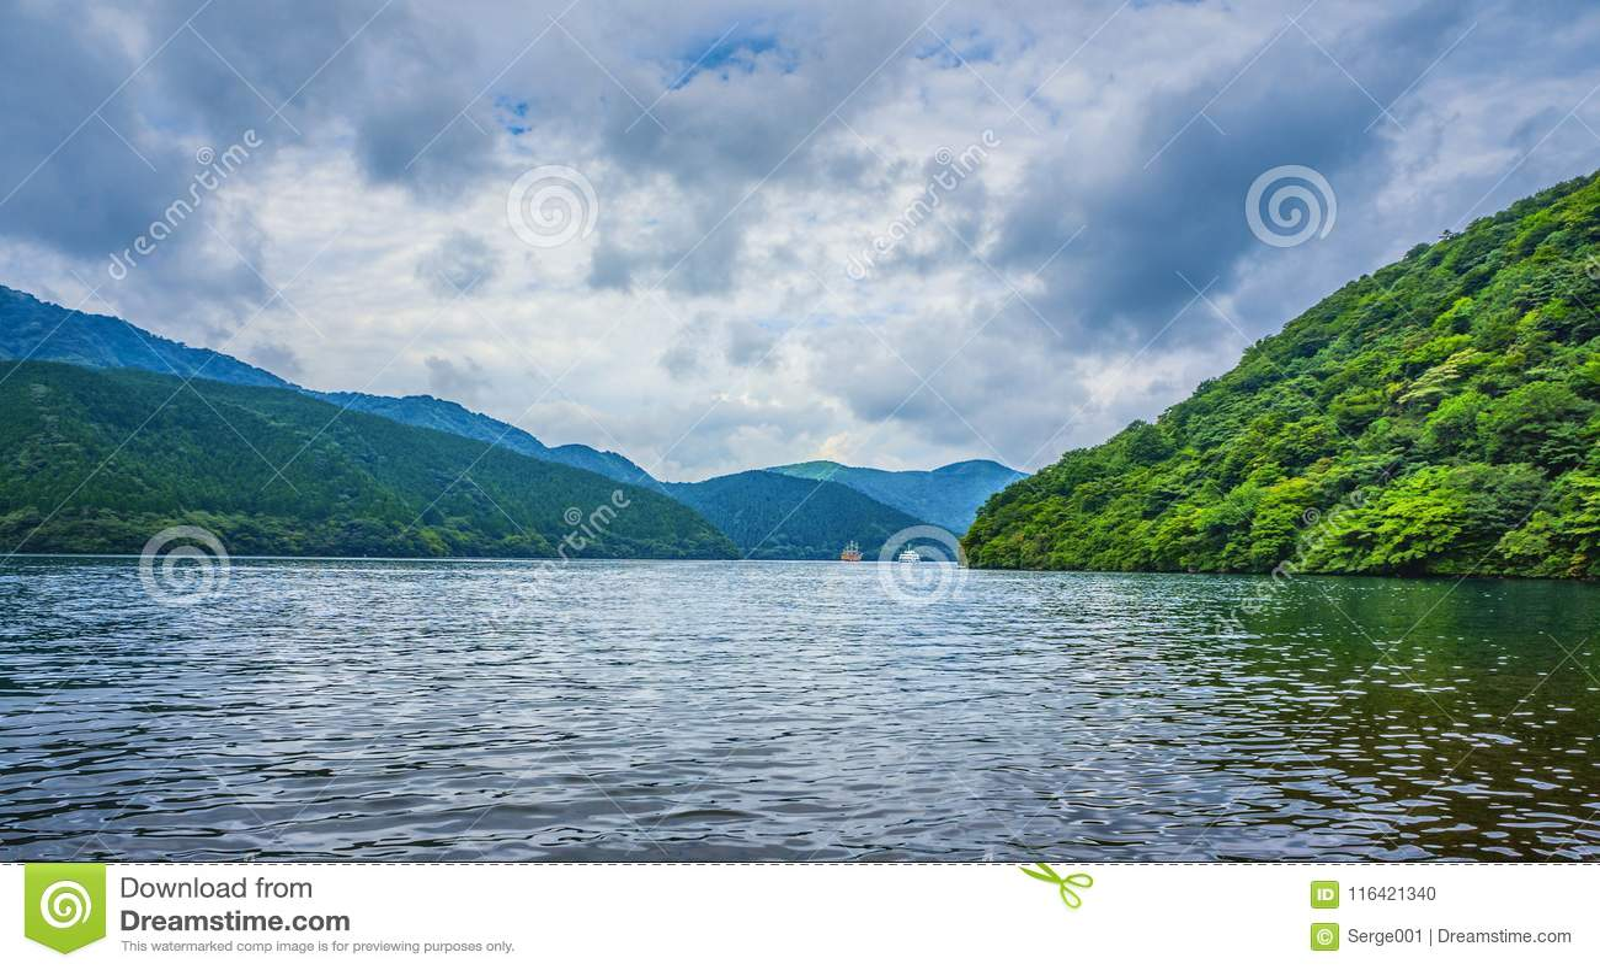 Jeziorny Ashi w Hakone parku narodowym, także znać jako Hakone jezioro lub Ashinoko jezioro, prefektura kanagawa, Japonia